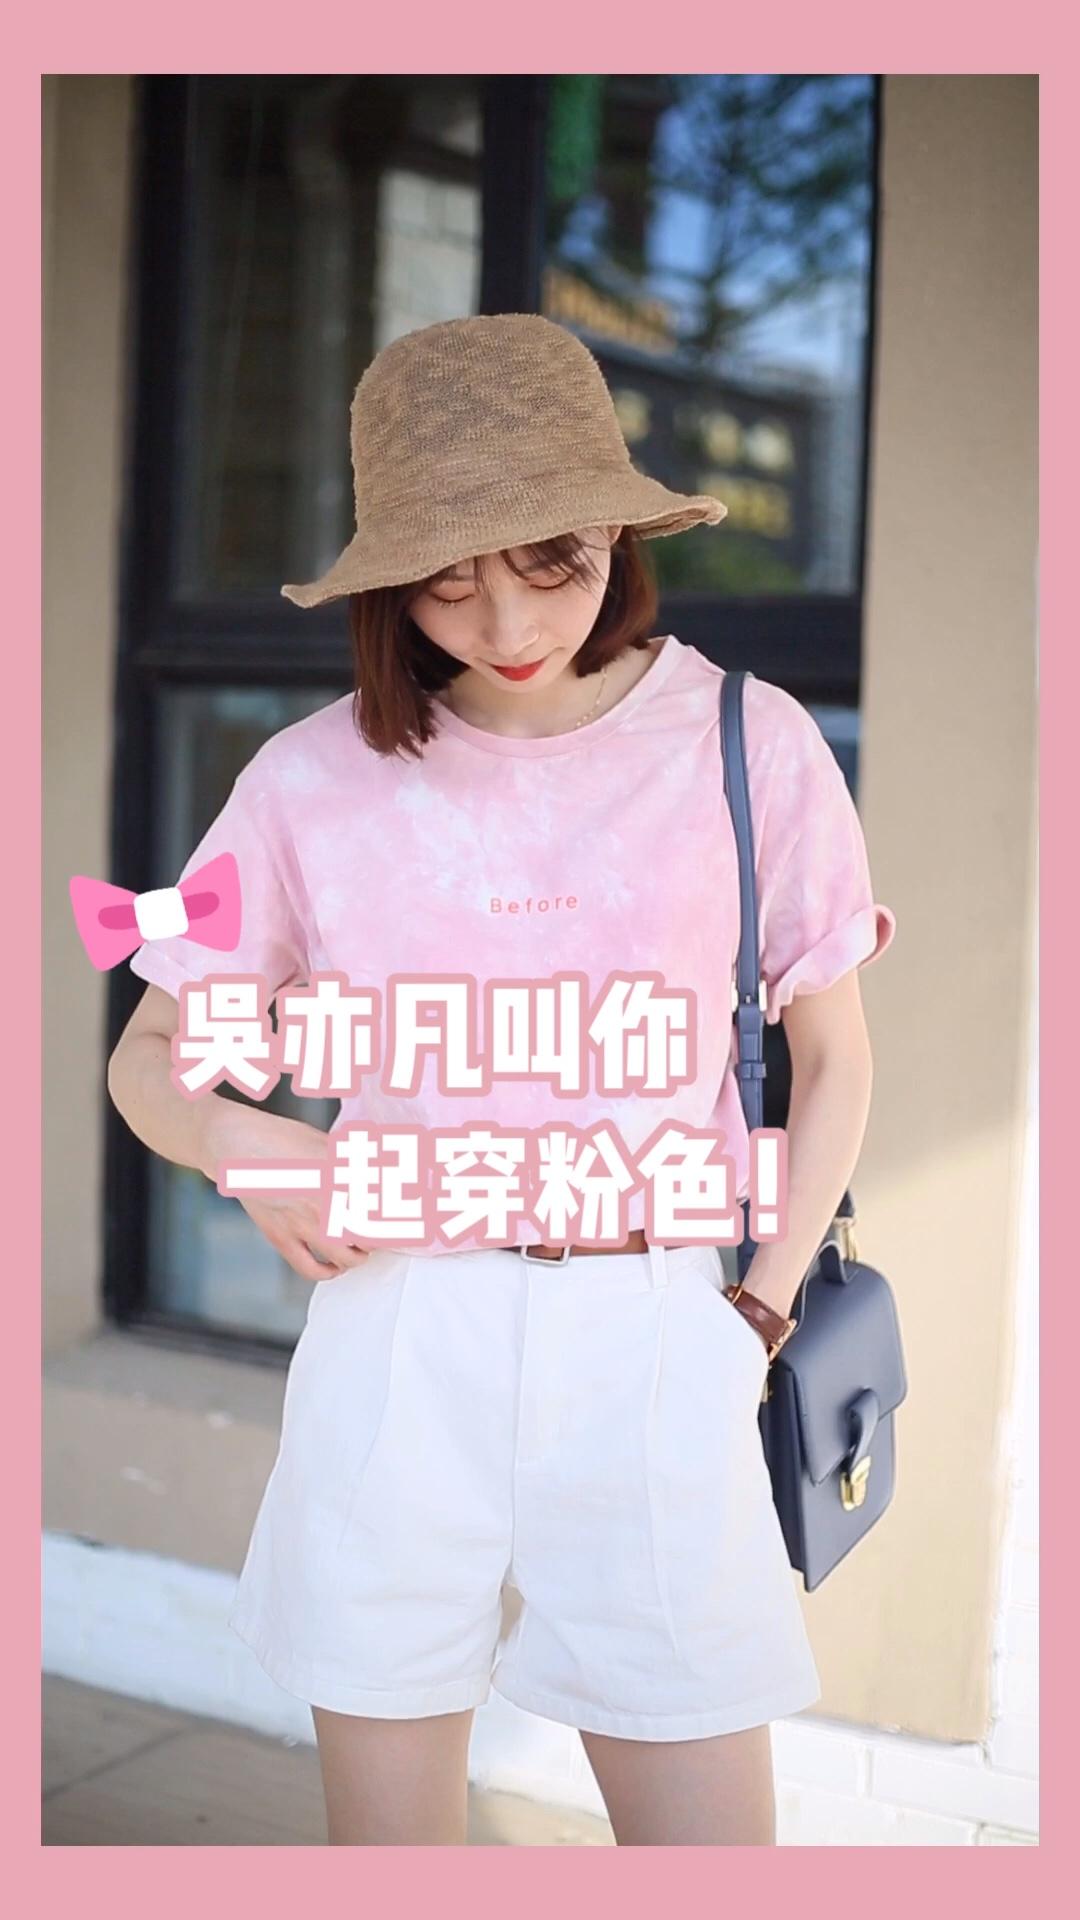 #吴亦凡叫你一起穿粉色啦# 草莓味的冰淇淋爱吃吗 这件上衣的颜色很特别 是扎染的粉色 穿上特别少女哦 搭配白色短裤清爽好看 鞋子包包用了蓝色系 粉蓝配色超级甜的哦